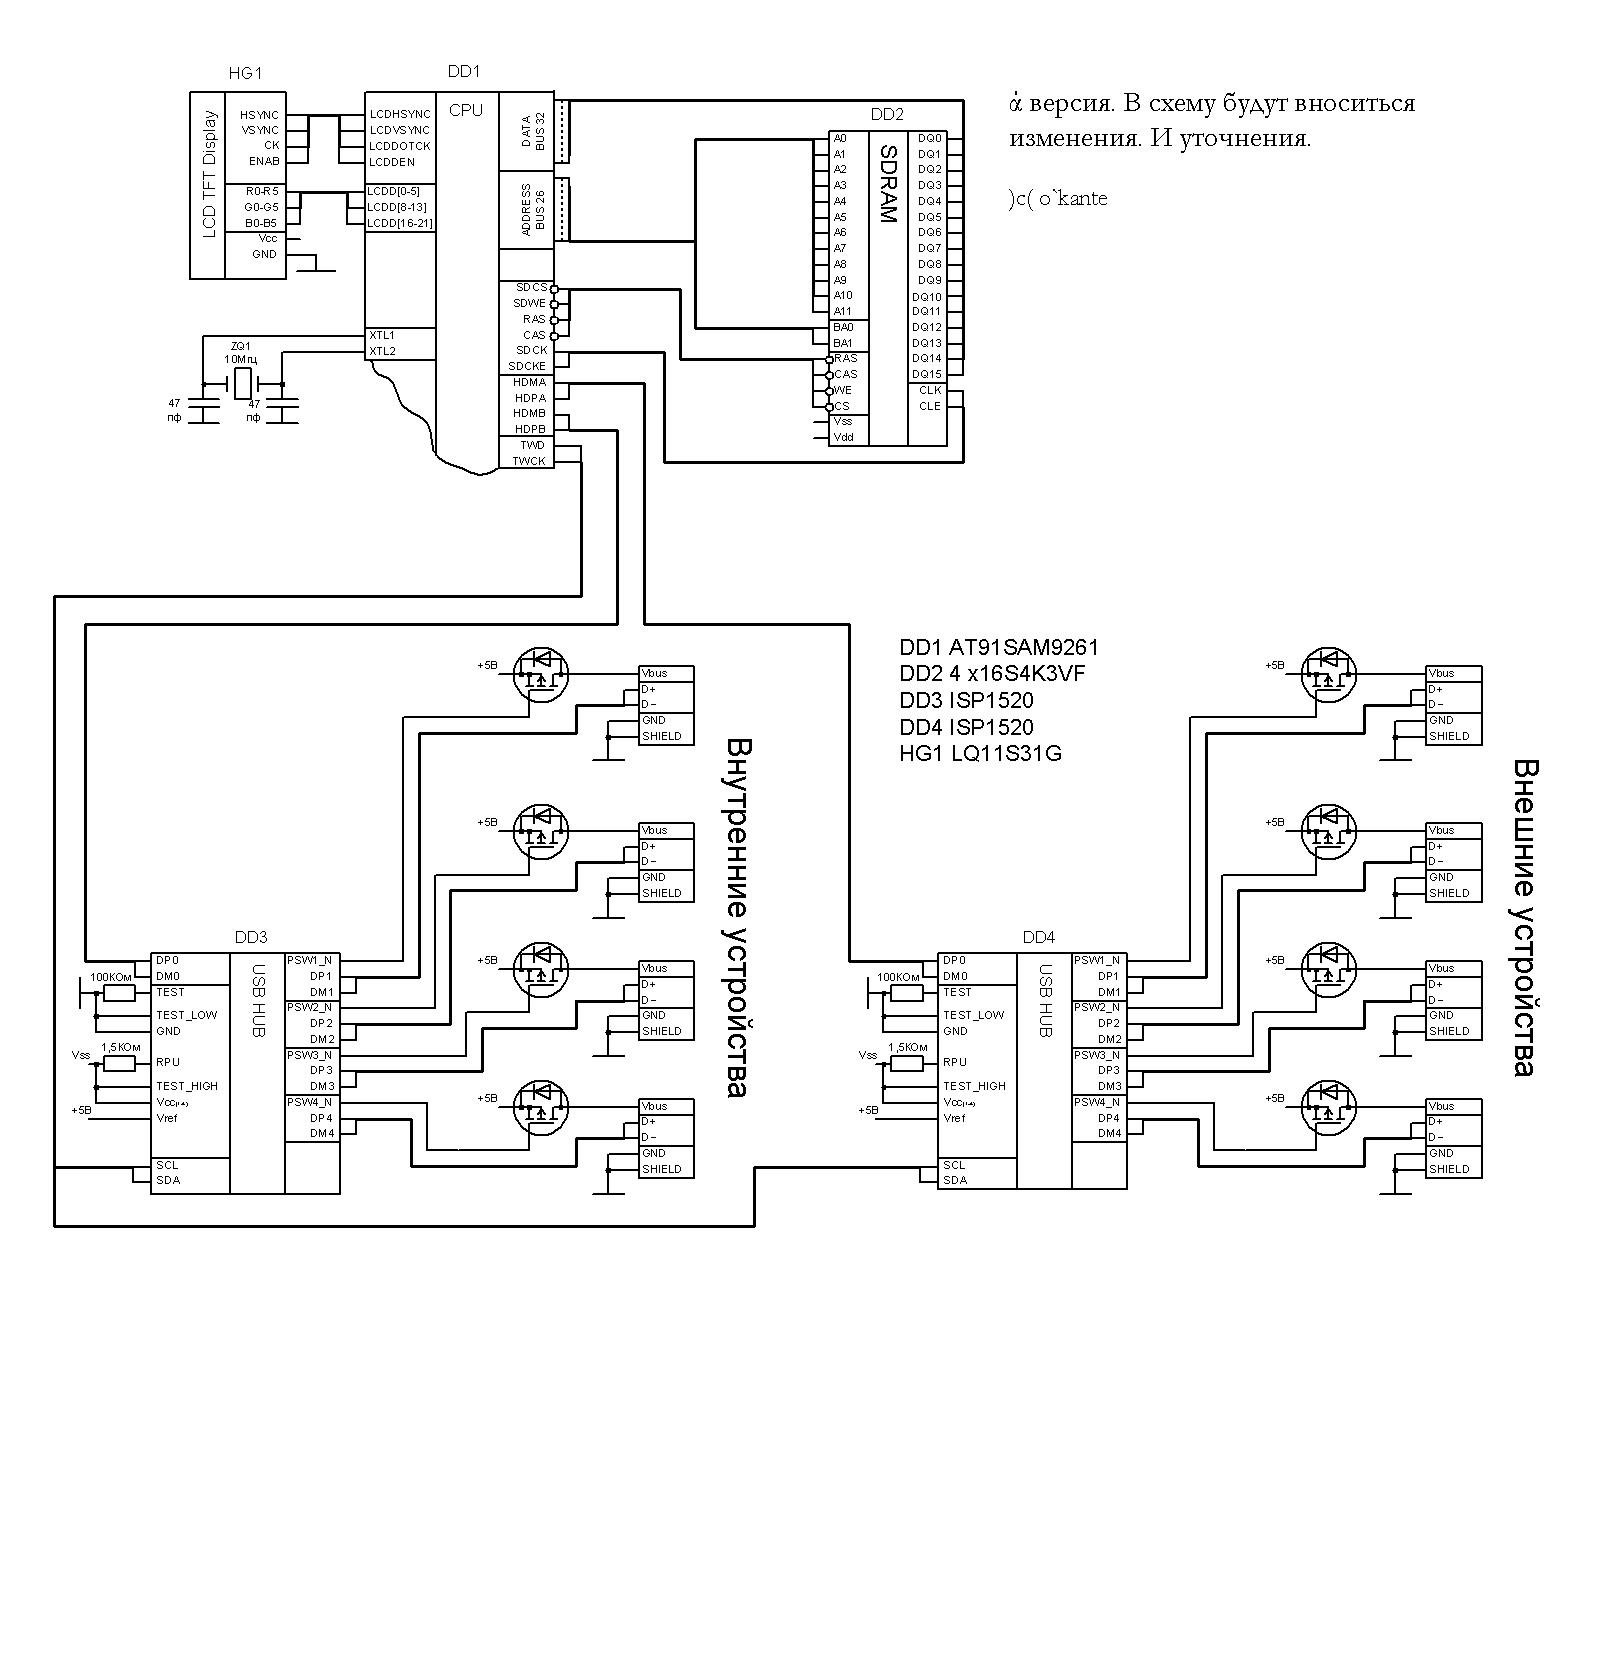 Основные устройства компьютера (процессор, ОЗУ и др.  Функциональная схема компьютера.